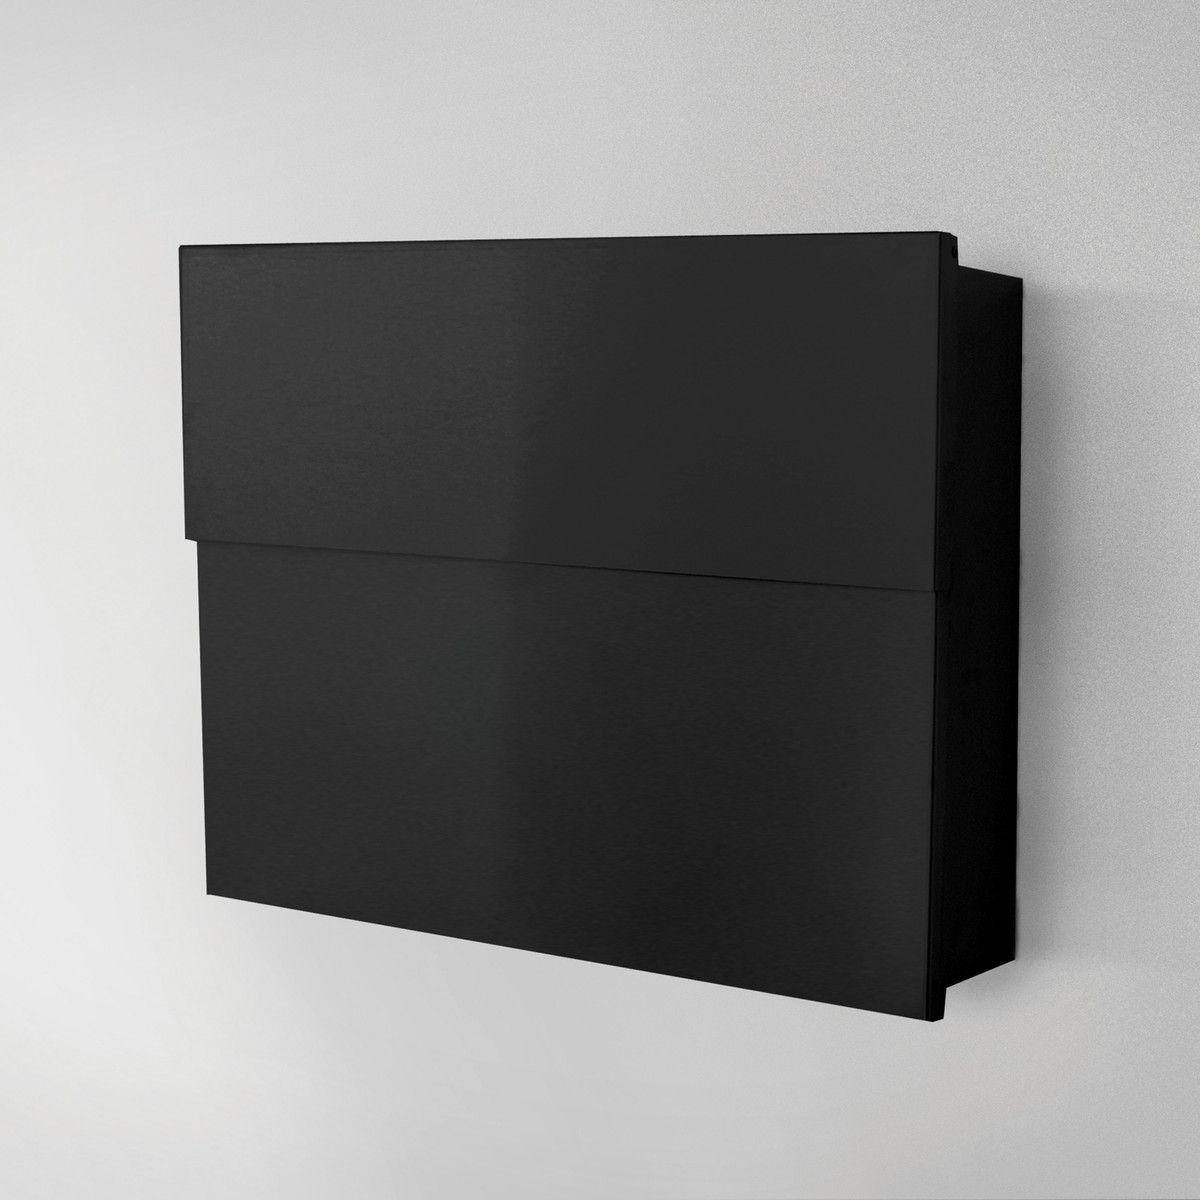 Briefkasten Lettermann radius design briefkasten letterman ii weiß